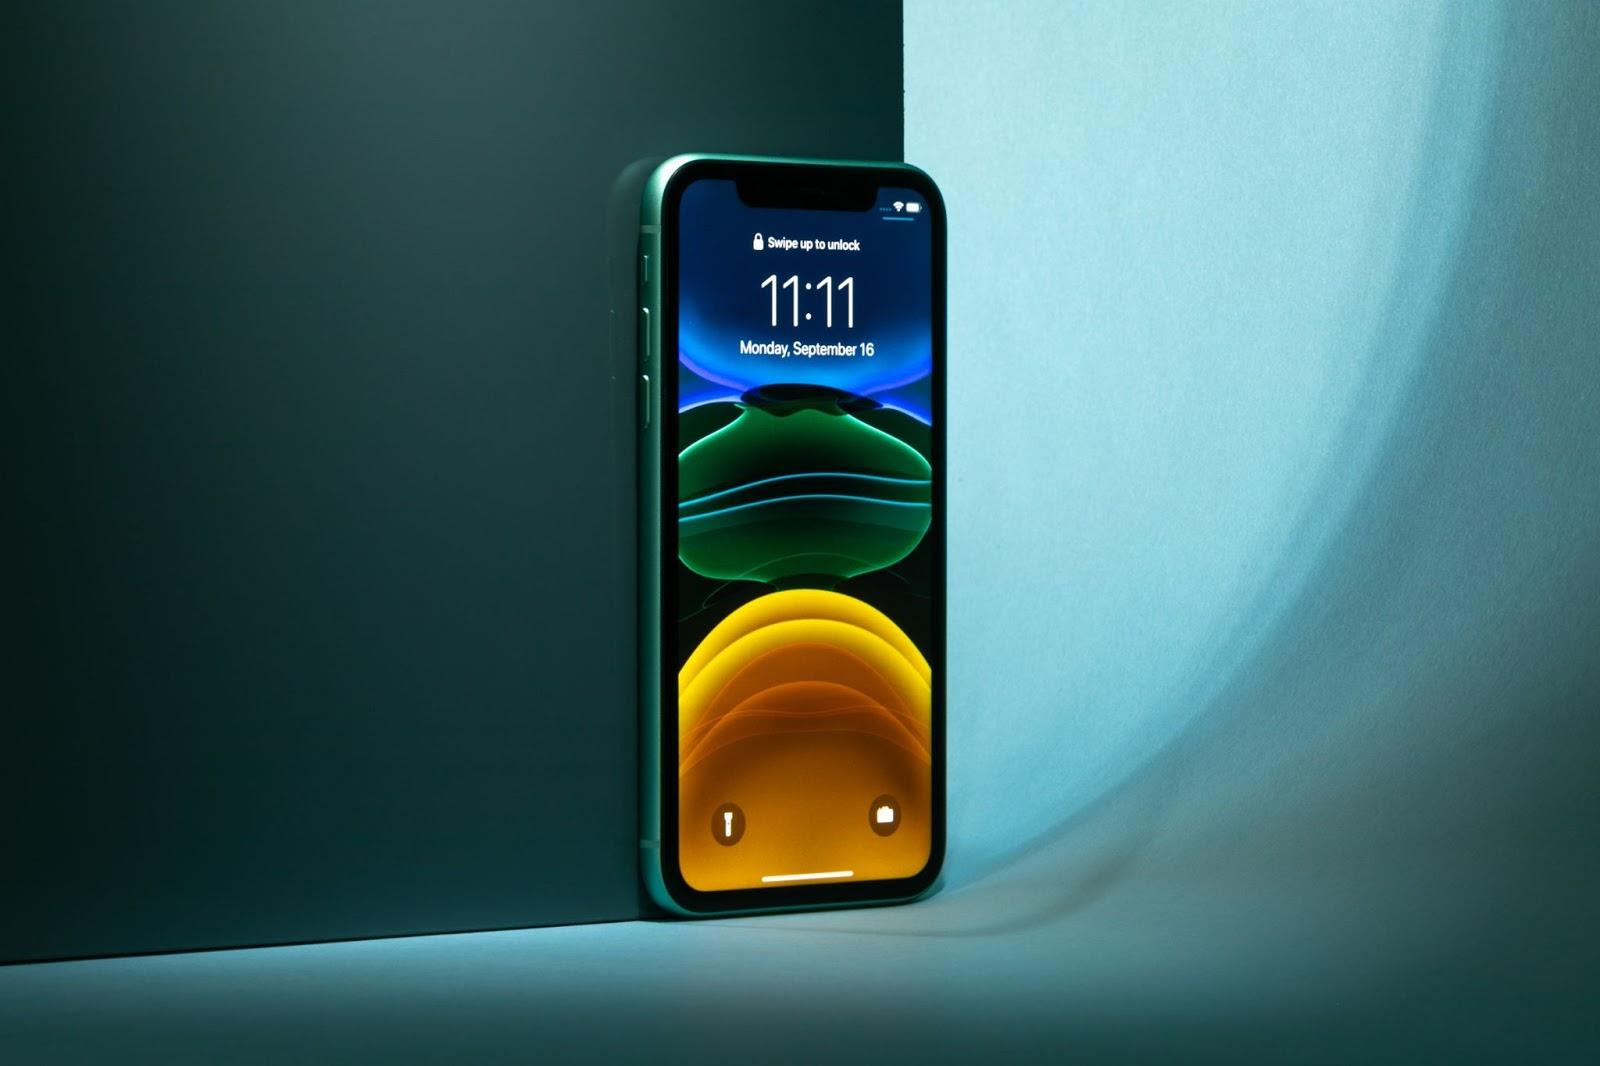 Sau giảm giá, chiếc iPhone này tăng doanh số 10-20 lần, muốn mua phải xếp hàng đợi - Ảnh 2.